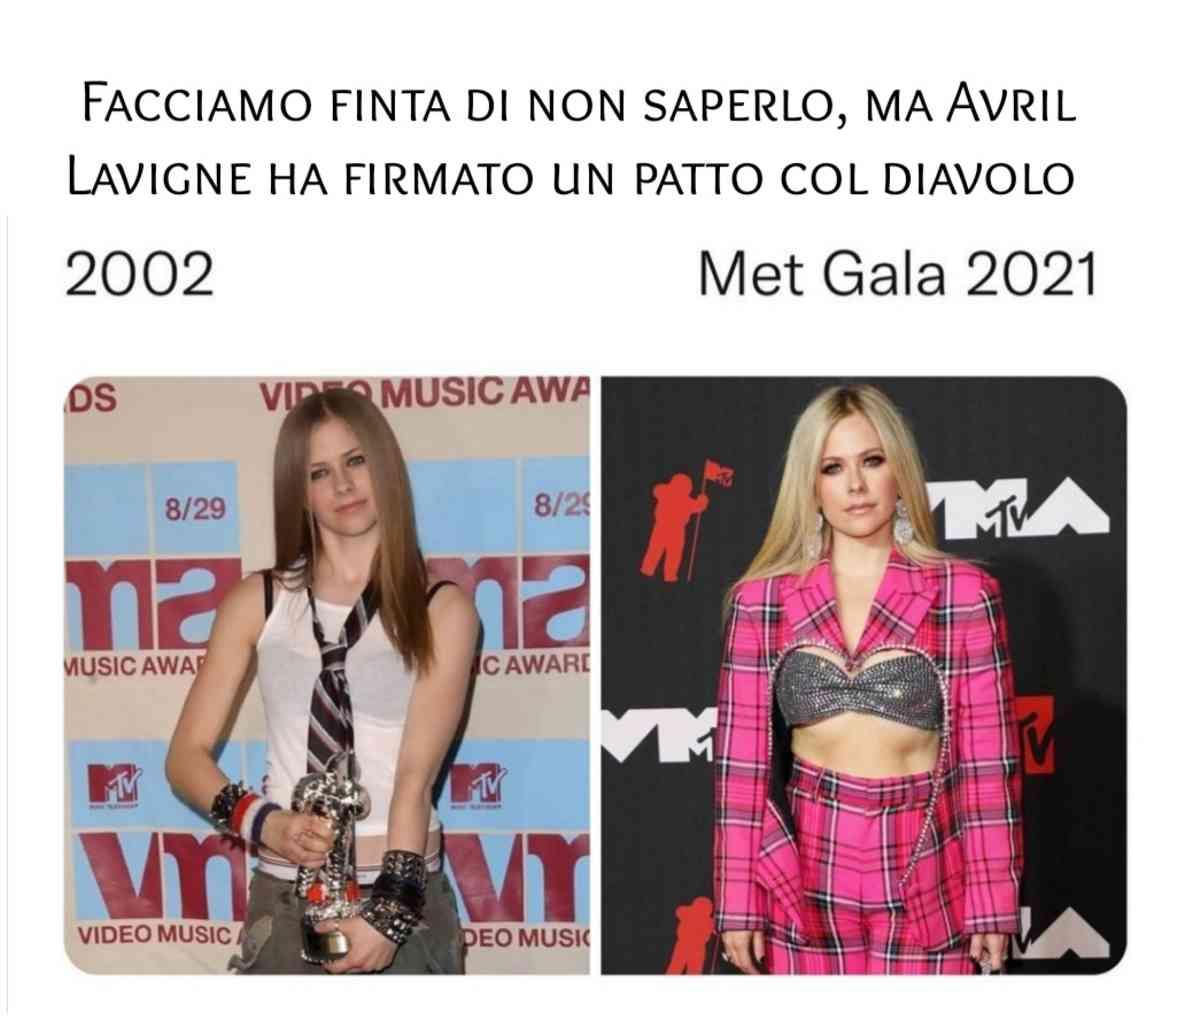 Avrile Lavigne sostituita con una sosia